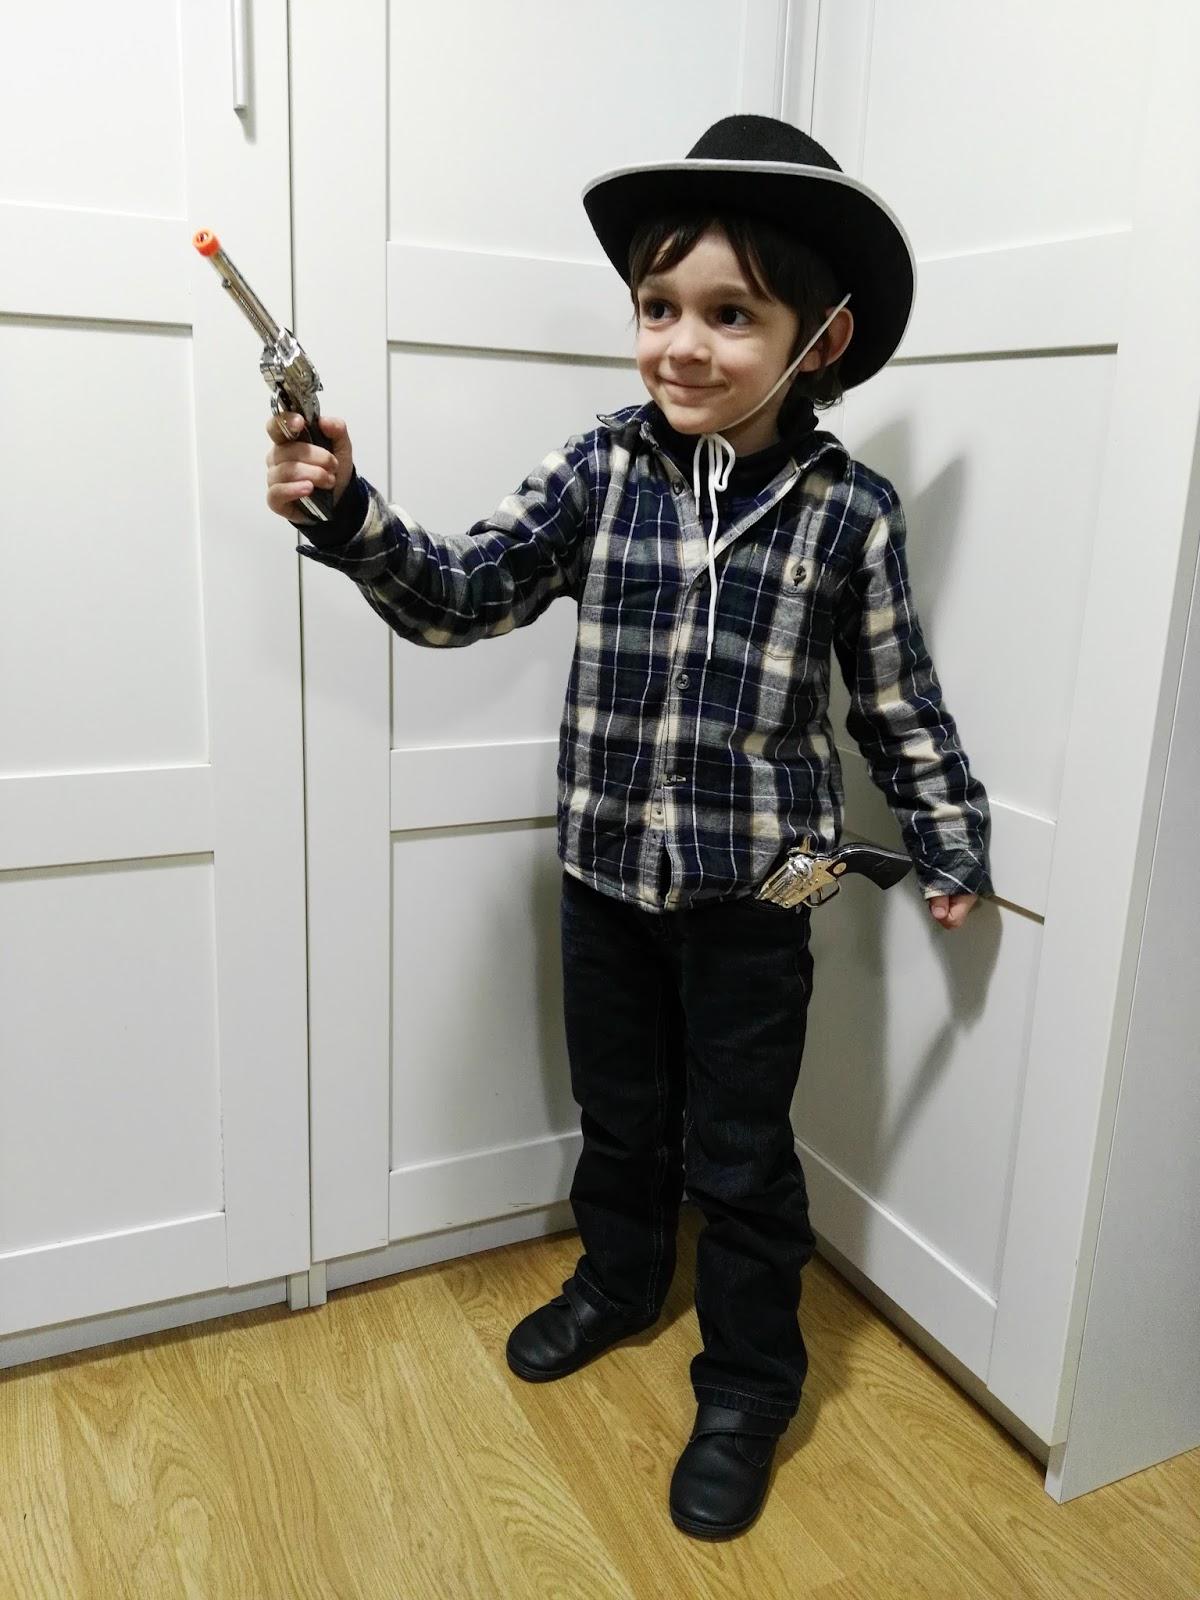 Para los pies unas botas y como accesorios podemos comprar un sombrero  típico de vaquero y unas pistolas. Si disponemos de un pañuelo también  podemos ... 43262d222ec